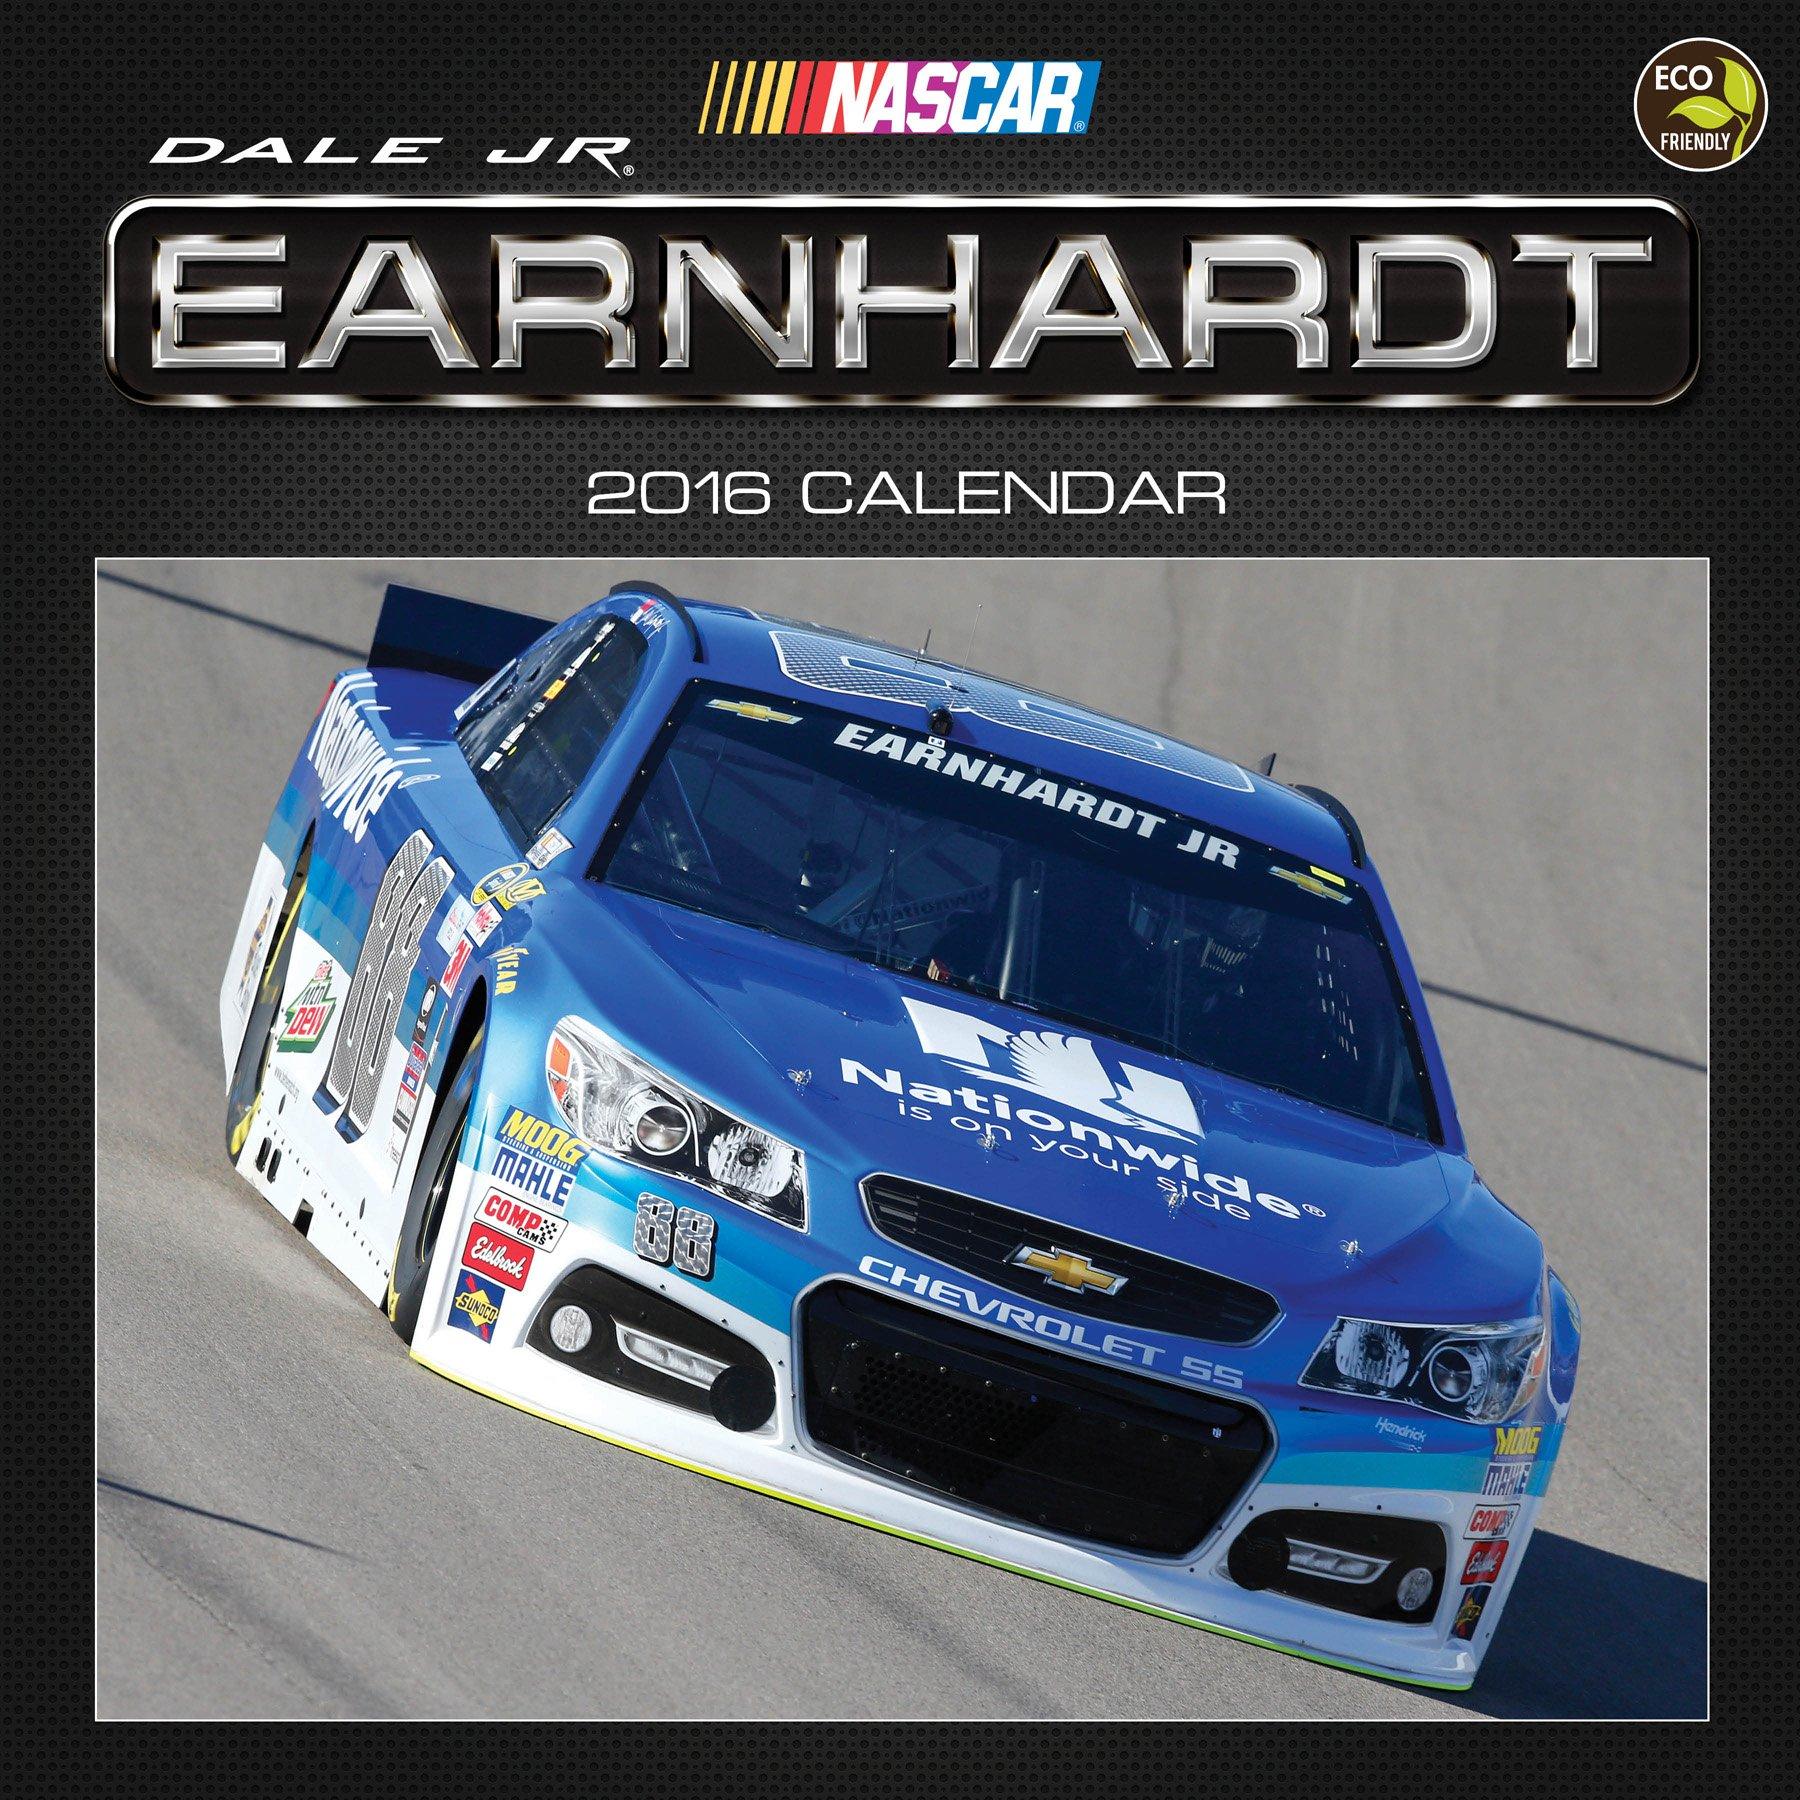 2016 Dale Earnhardt Jr Wall Calendar: Dale Earnhardt Jr: 9781624380624:  Amazon.com: Books